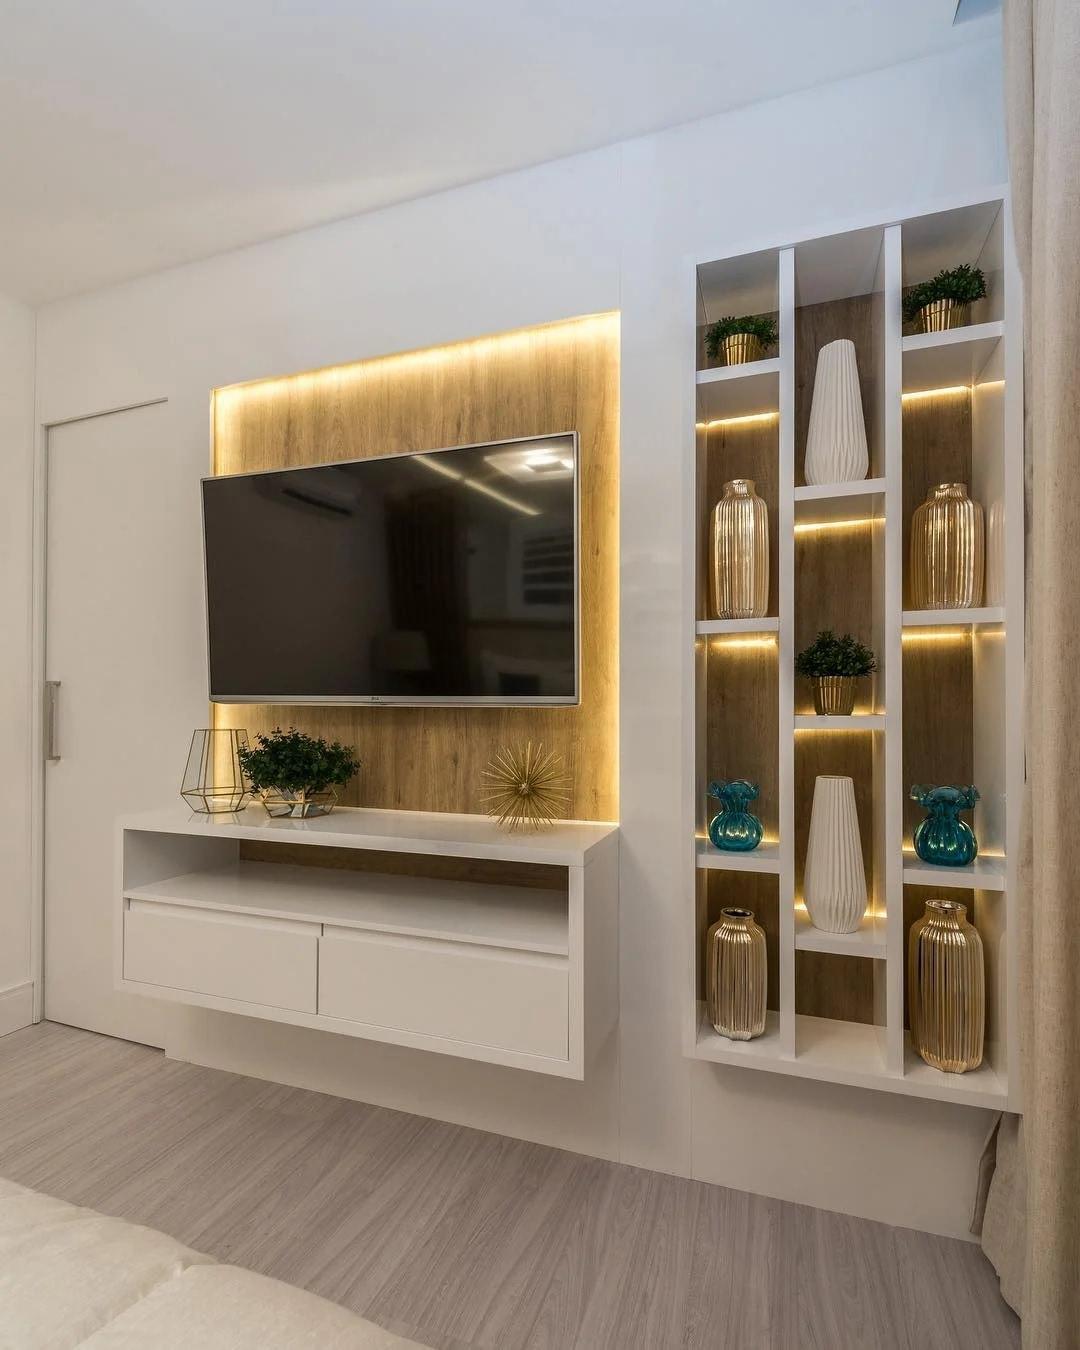 دکوراسیون دیوار پشت تلویزیون با کناف به صورت قفسه بندی شده